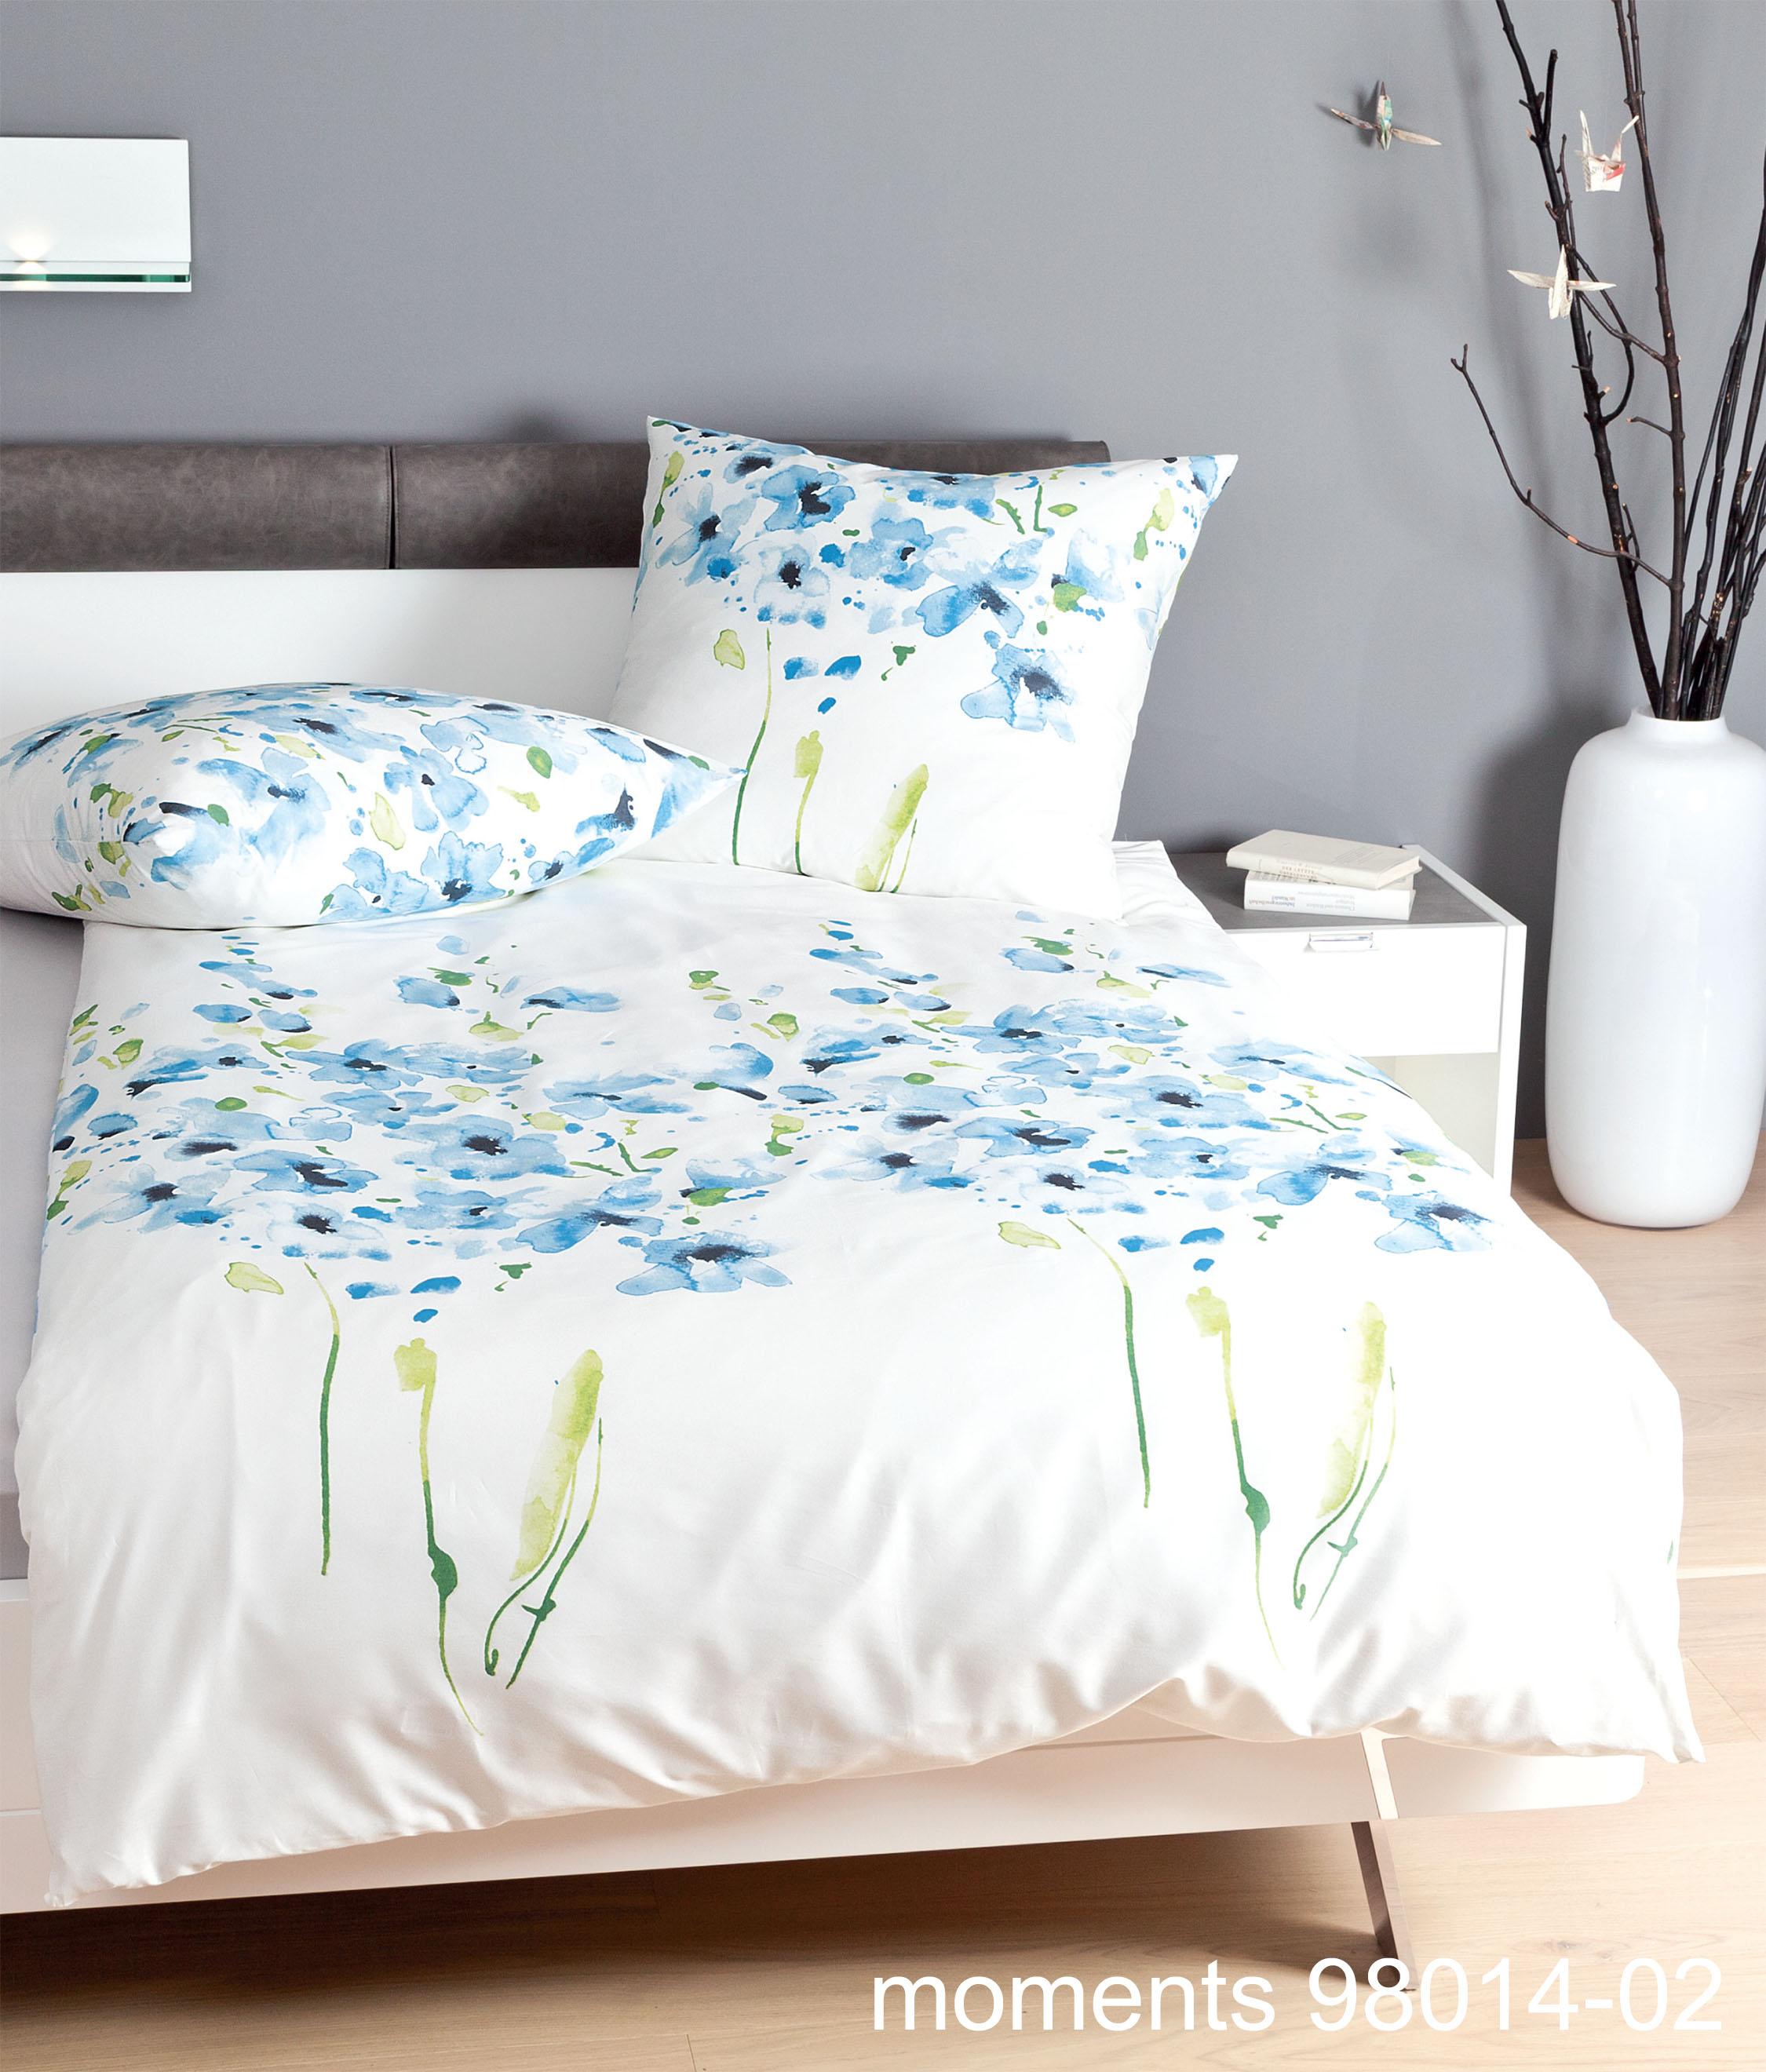 bettw sche waschtemperatur bettw sche. Black Bedroom Furniture Sets. Home Design Ideas